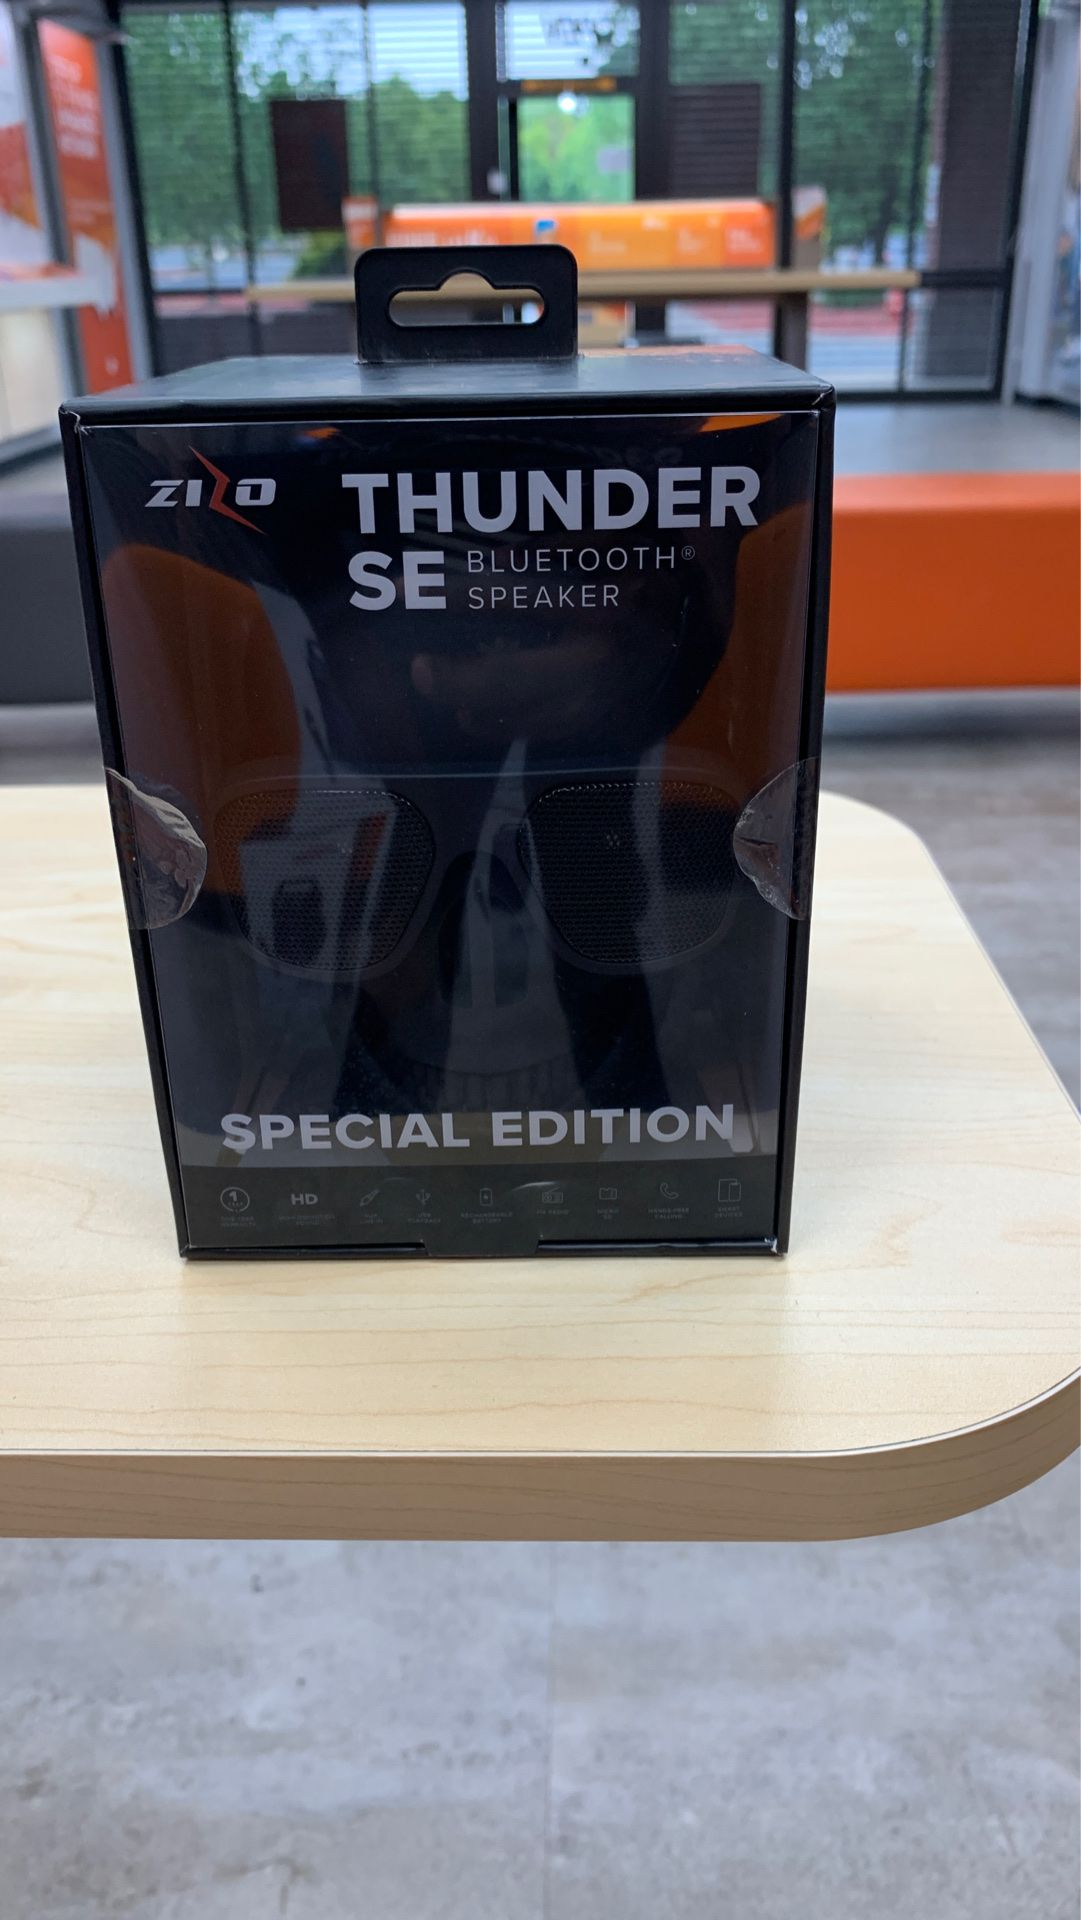 SE thunder Bluetooth speaker